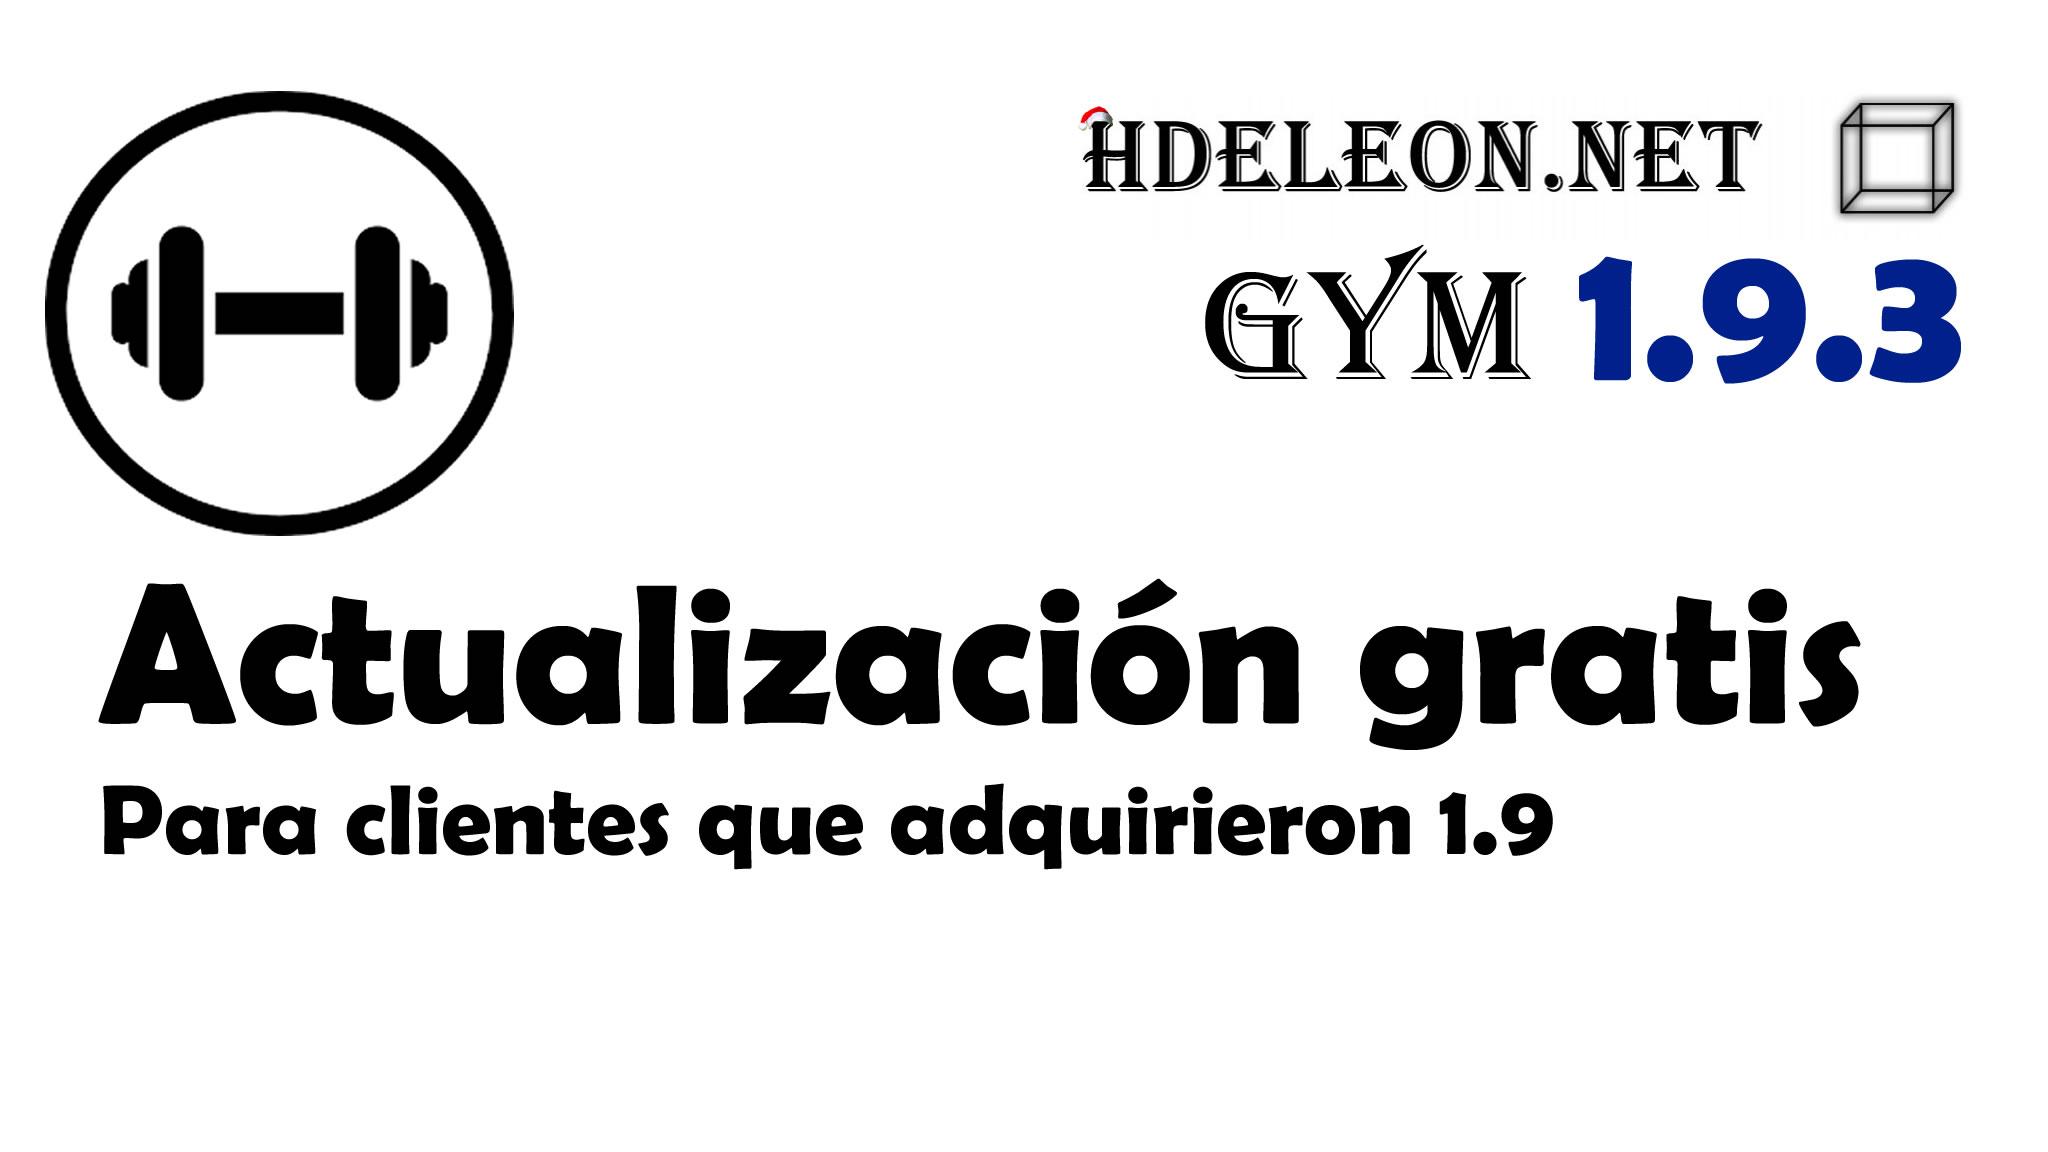 Hdeleon gym 1.9.3 | Actualización gratuita para clientes de hdeleon gym 1.9